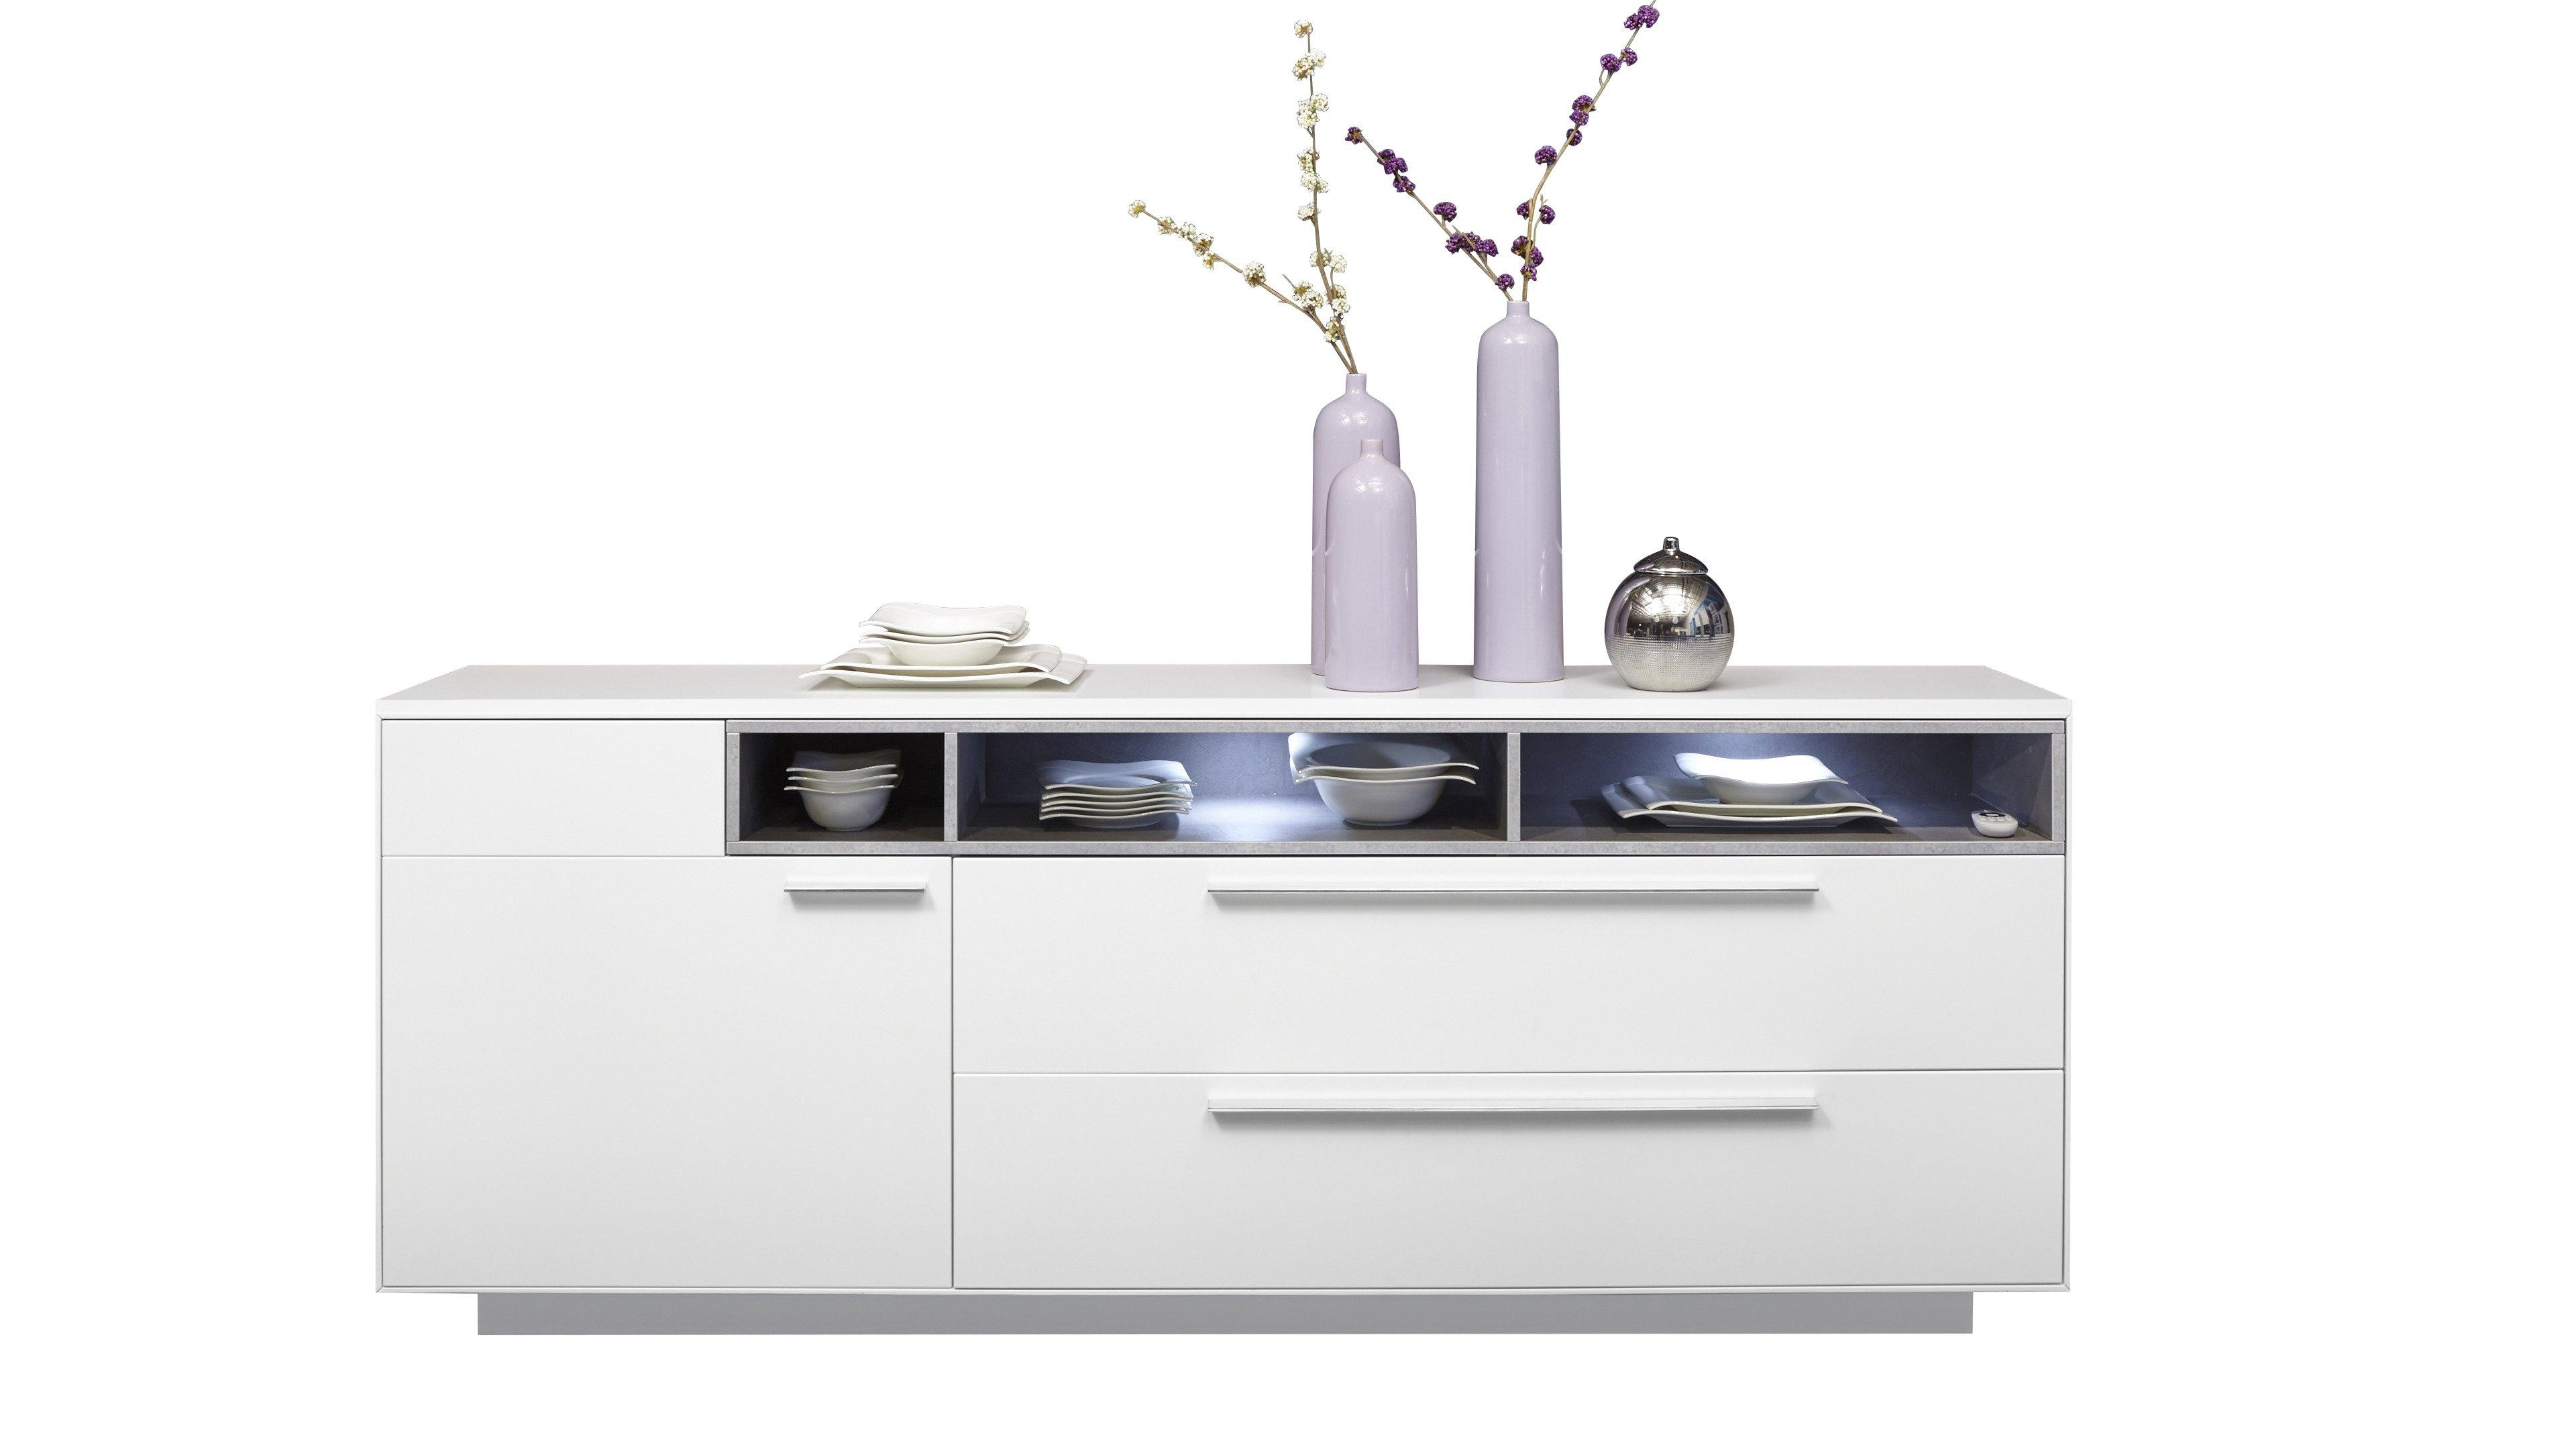 Sideboard V 8 FR: Weiß Mattlack, Claystone Hellgrau 018